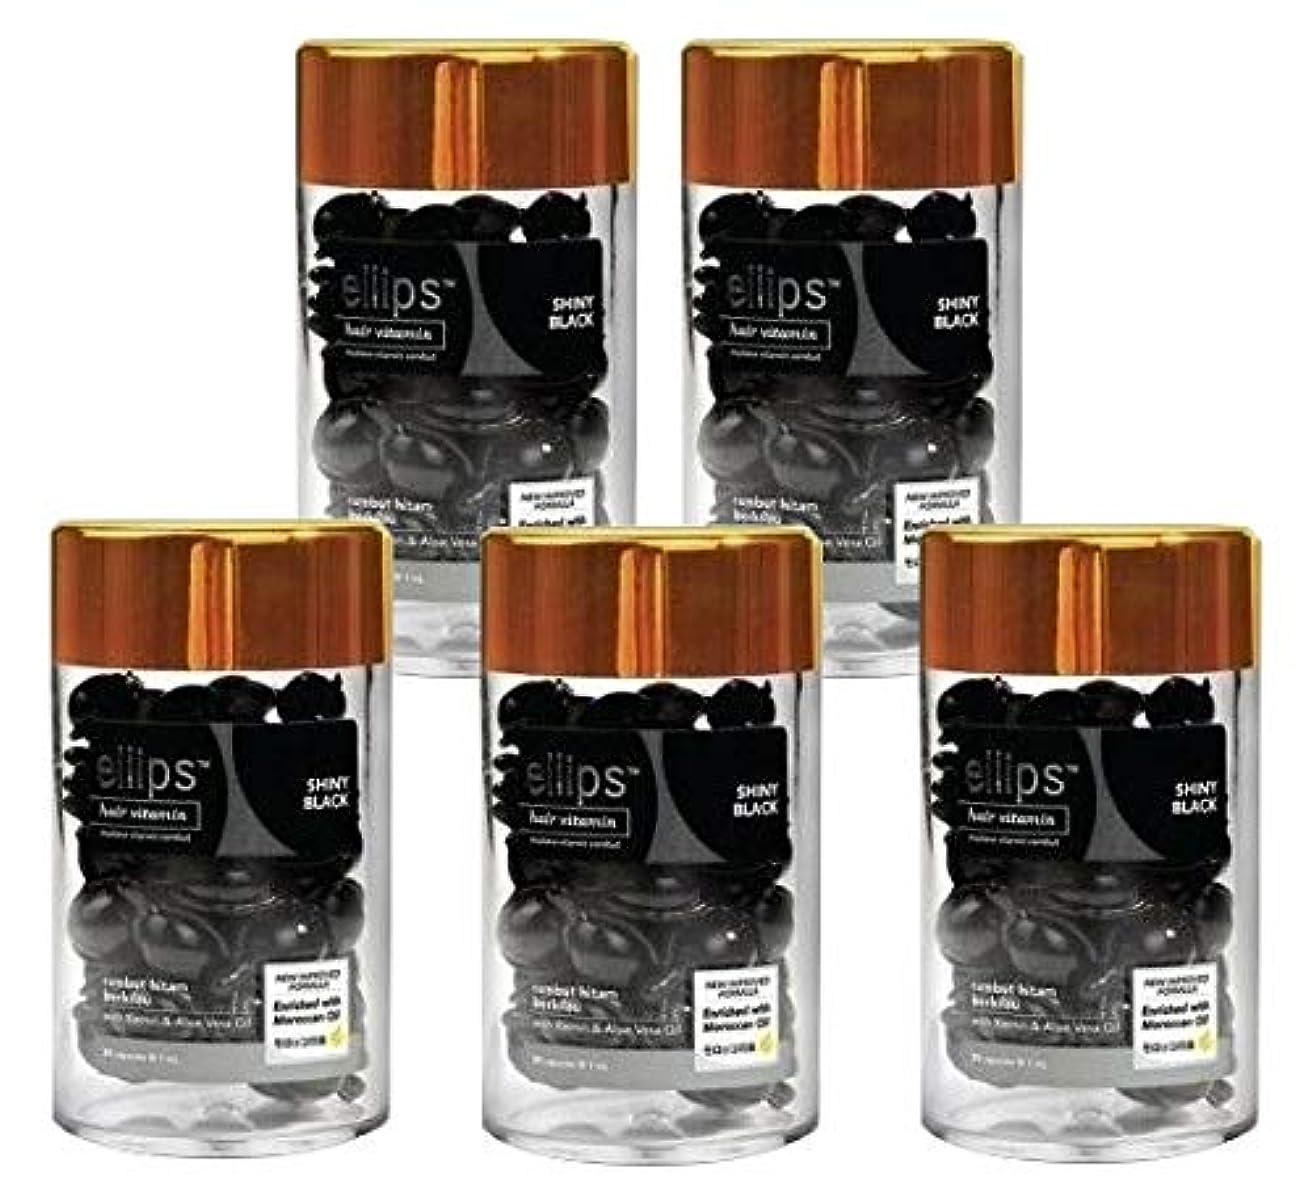 ドレイン冬一部エリップス ellips ヘアビタミン ヘアトリートメント 50粒 ボトル ブラック お得な5本セット [並行輸入品]